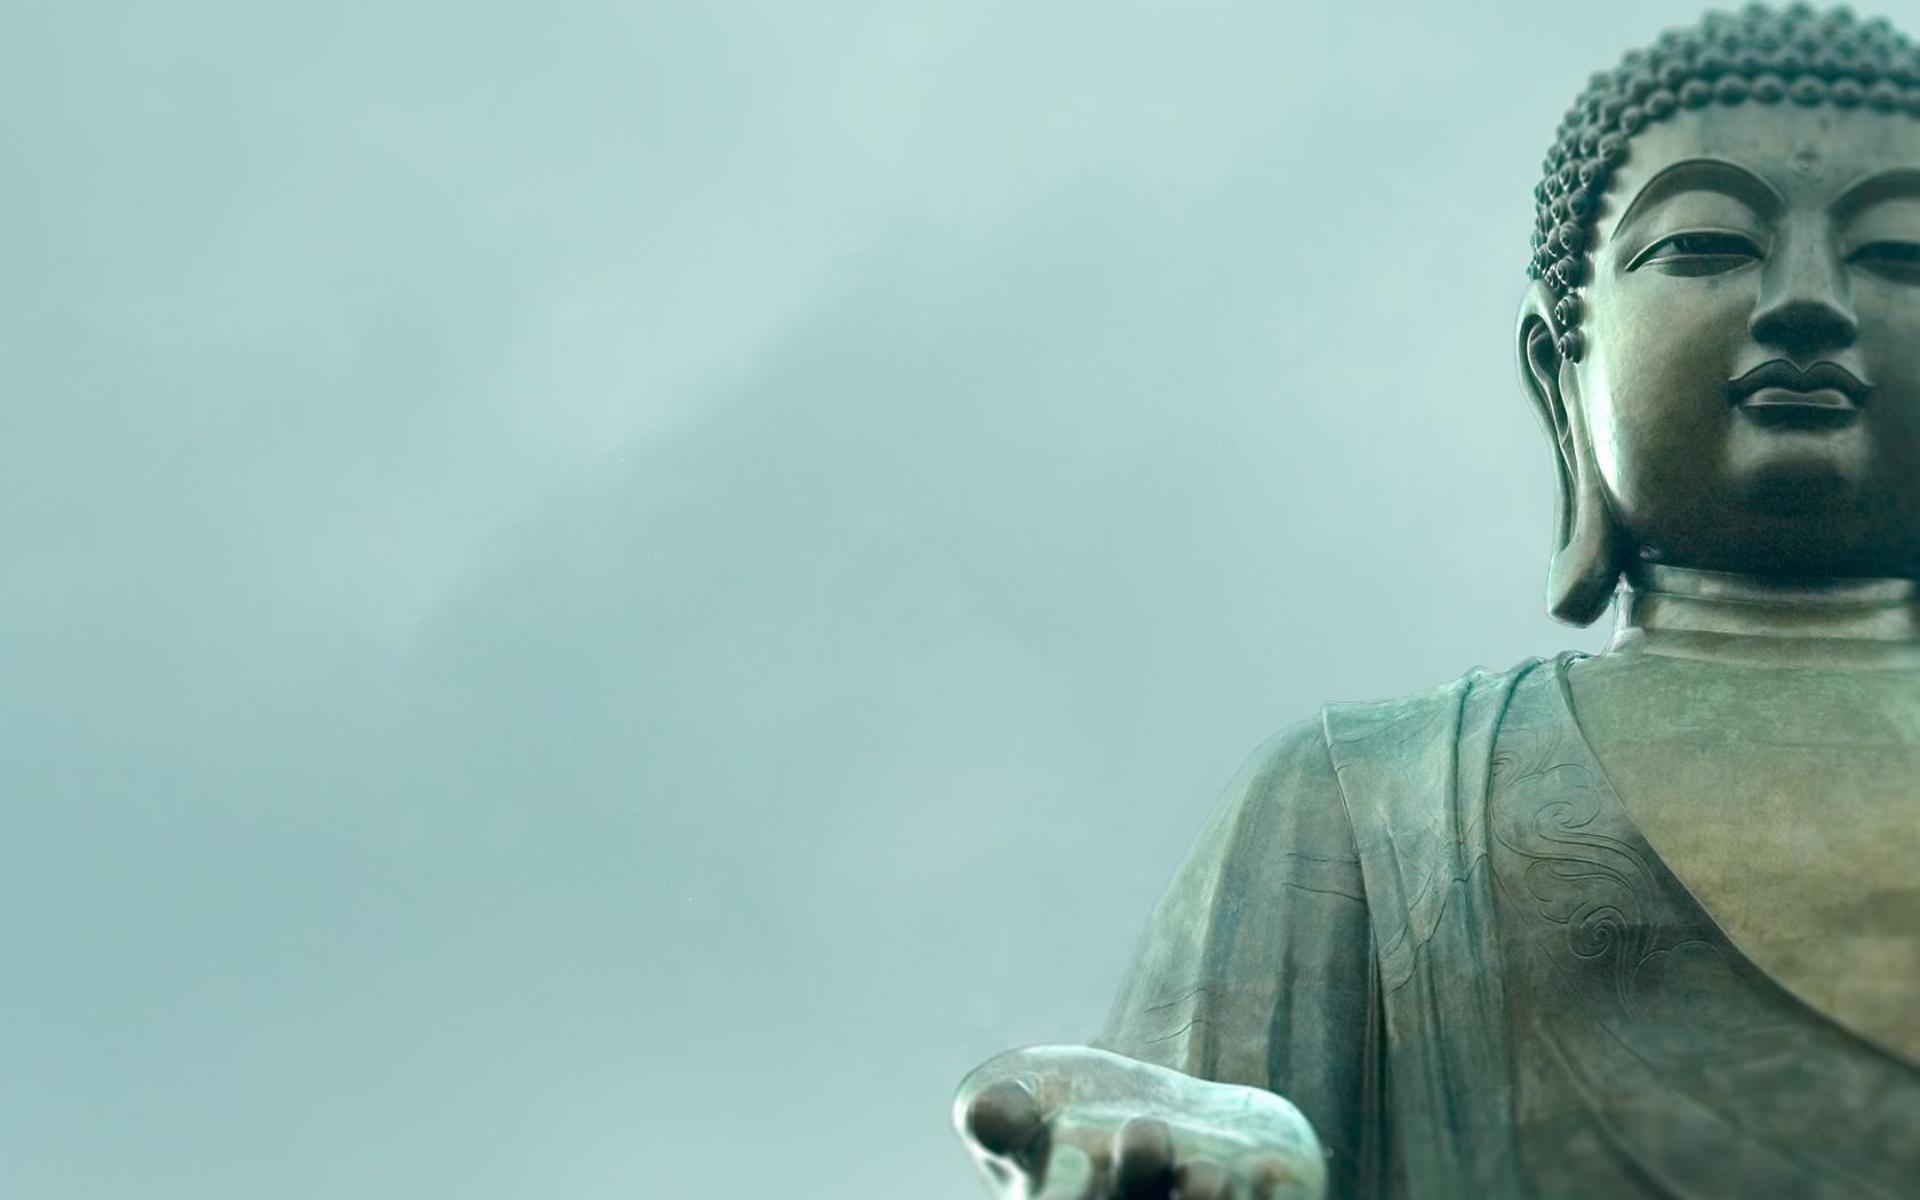 Buddhist Background (53+ images)